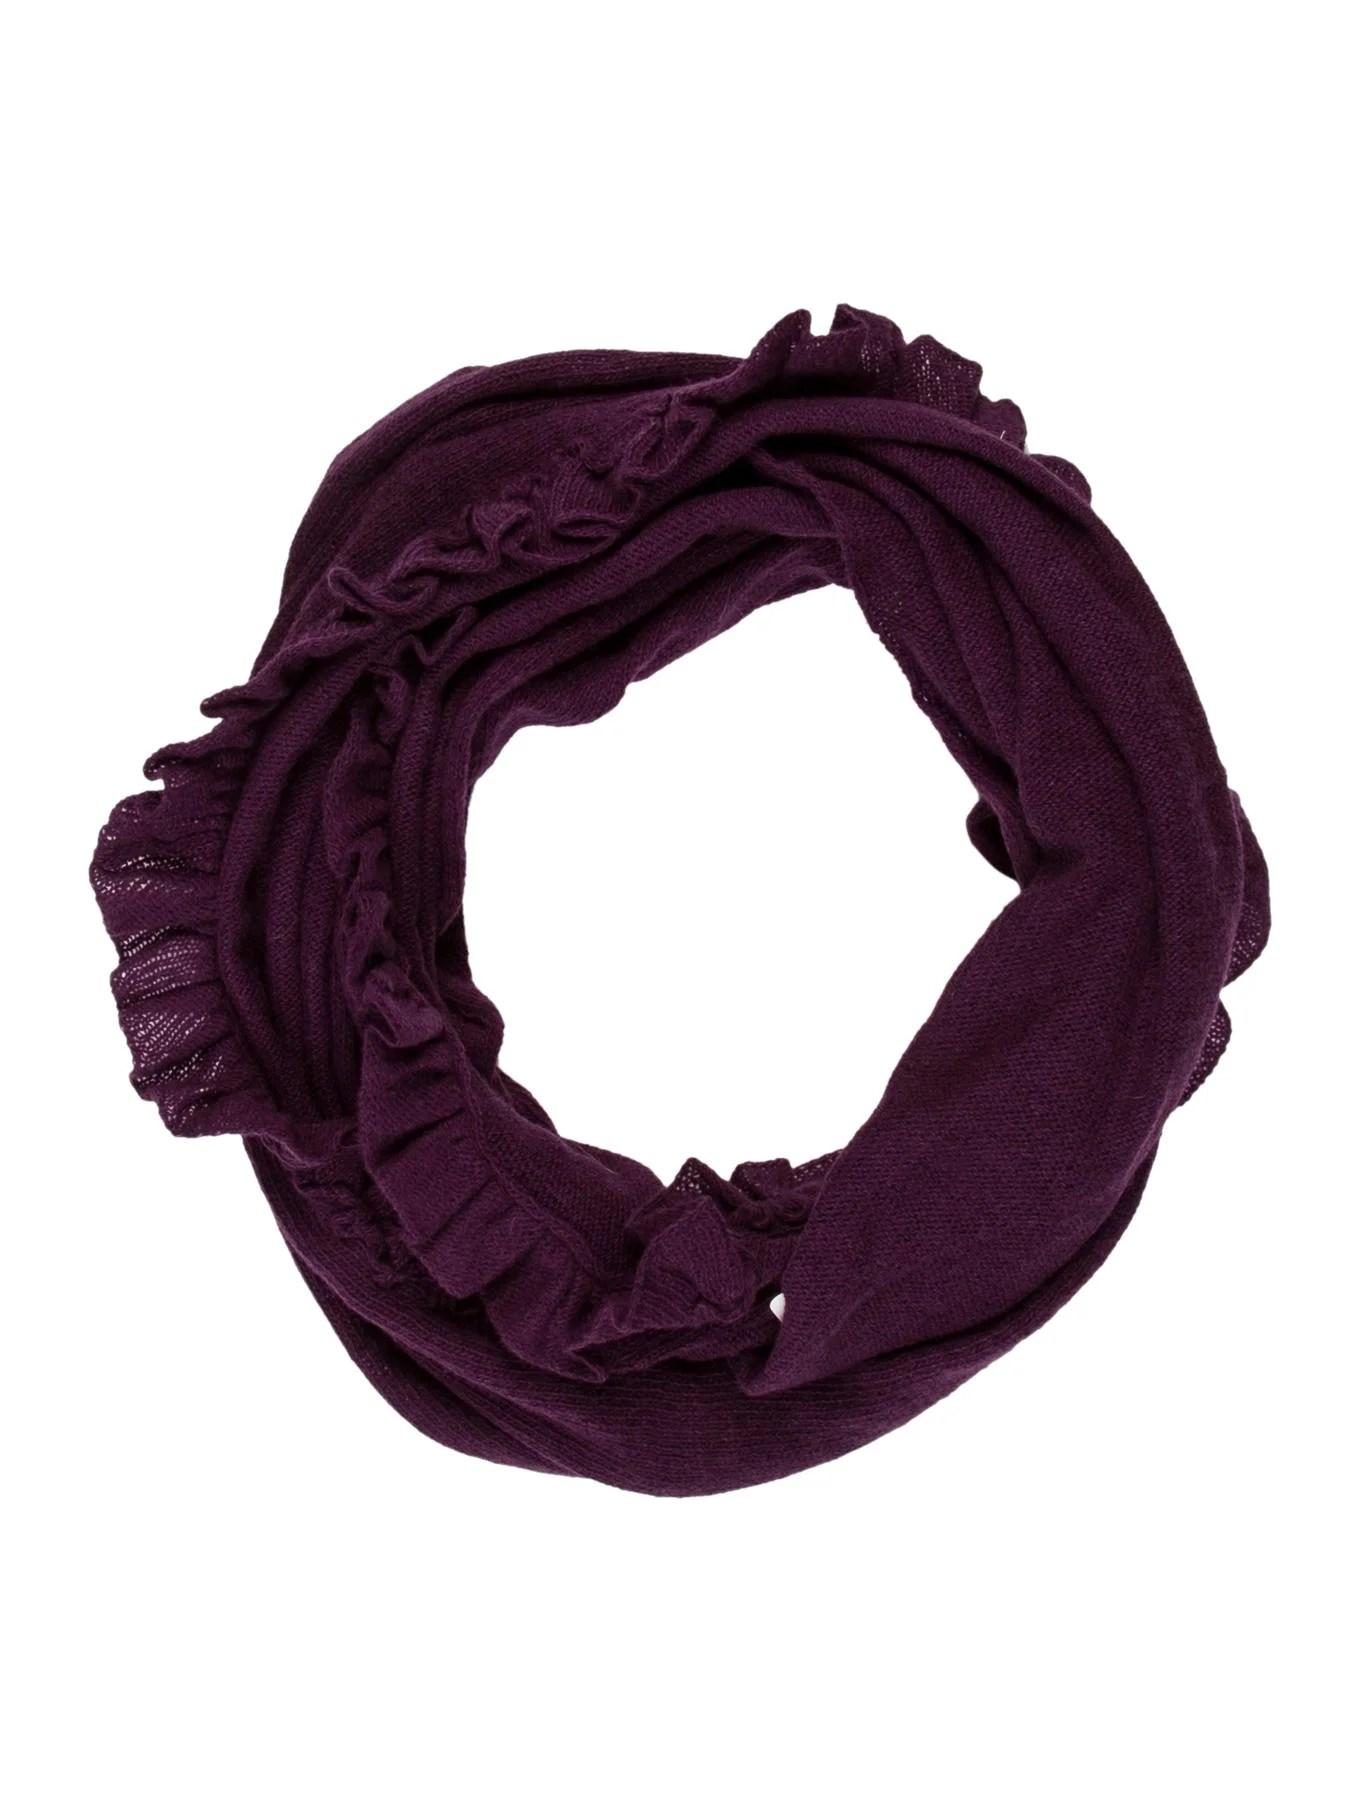 Portolano Wool Cashmere Knit Infinity Scarf